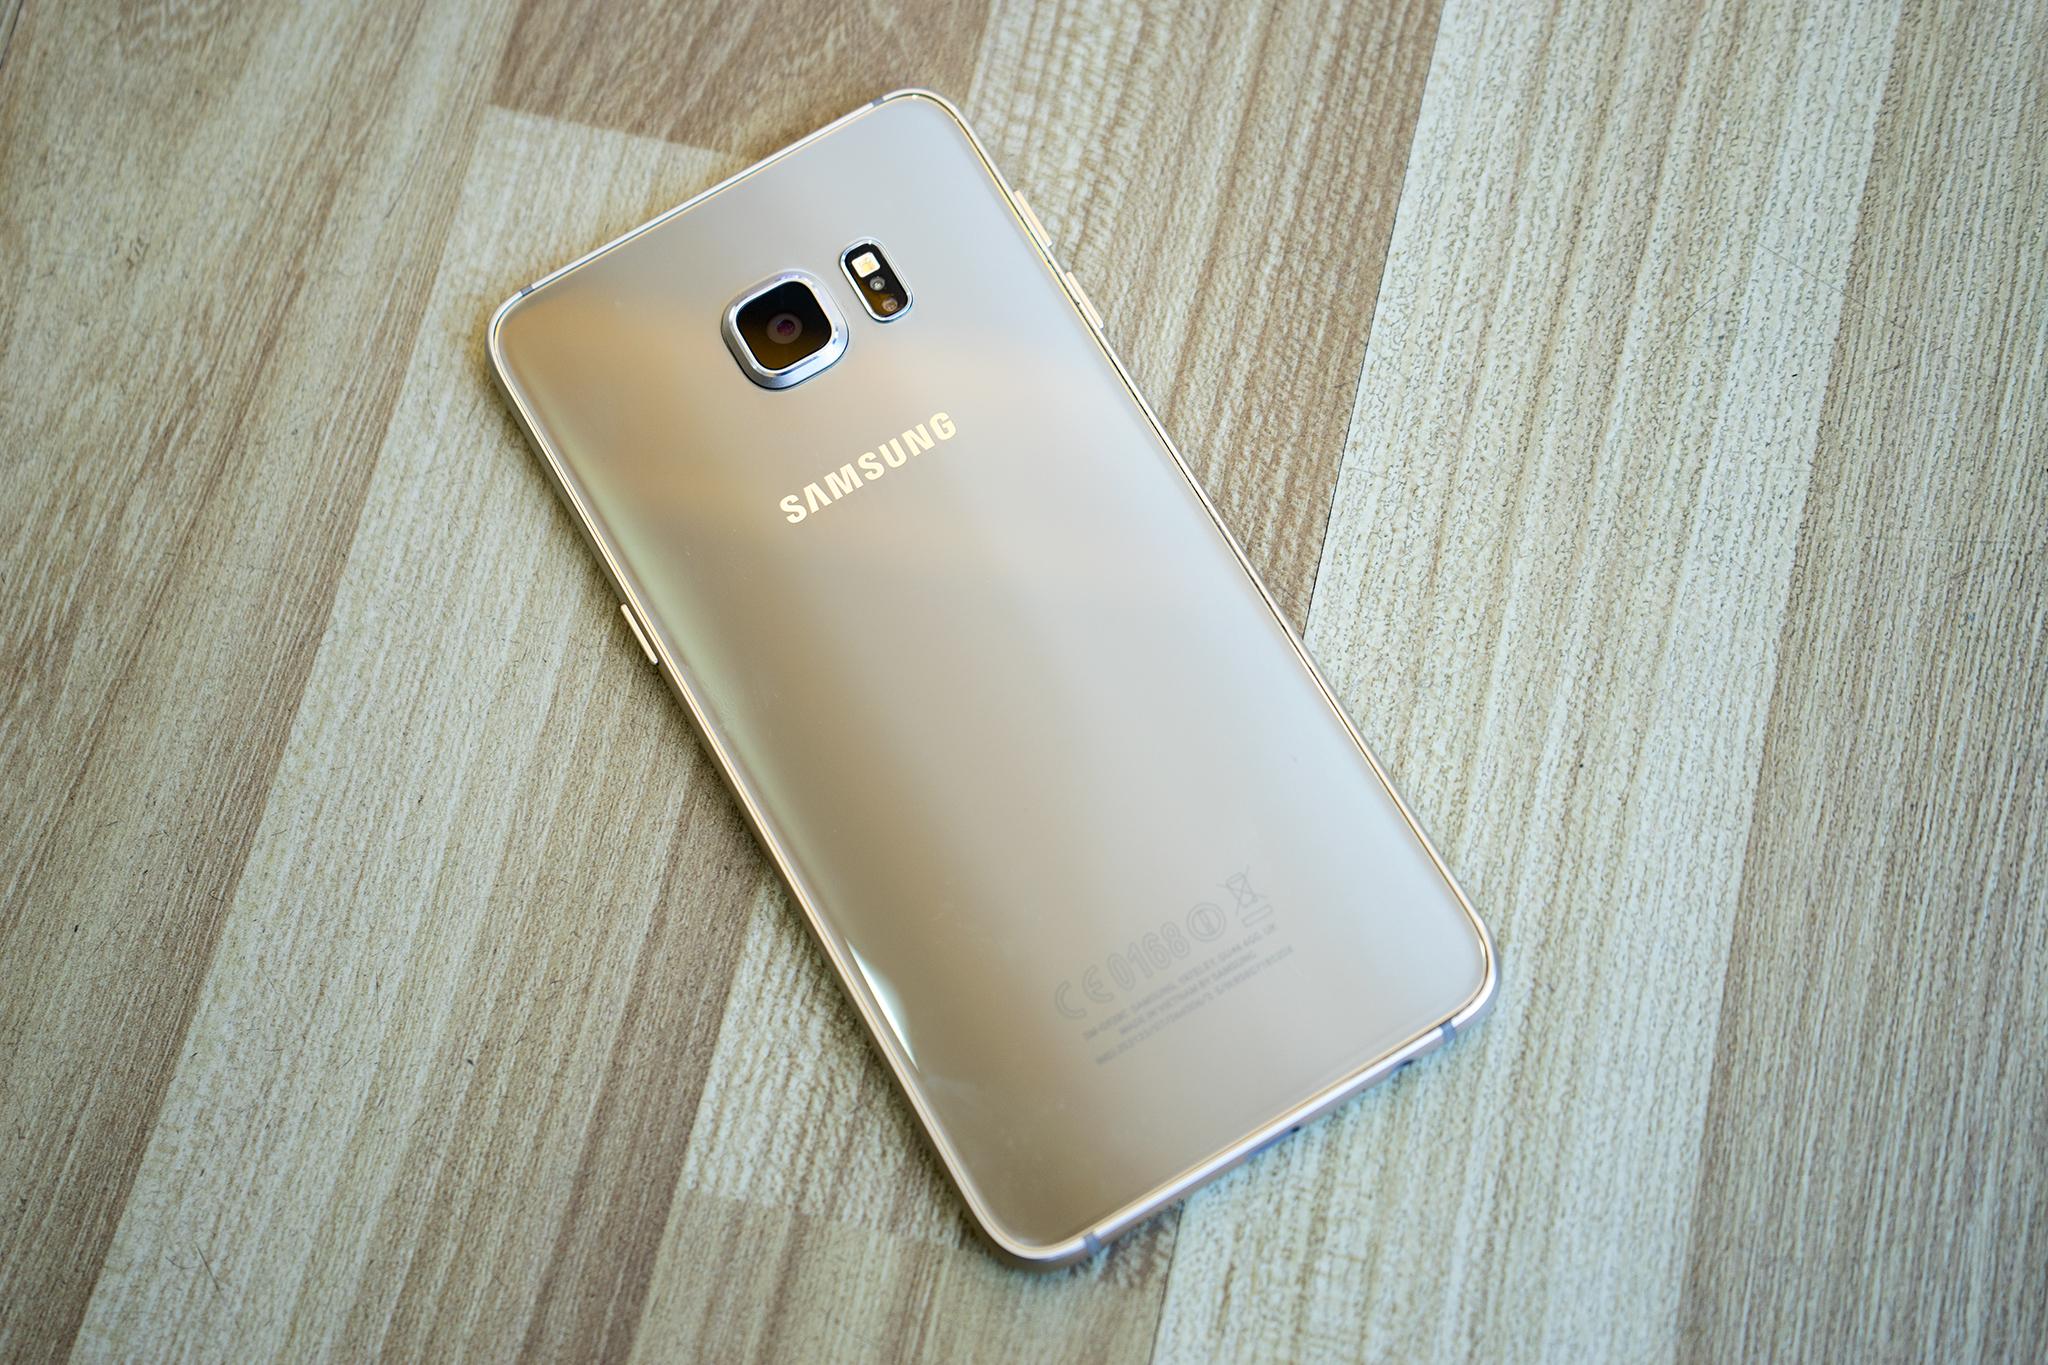 Samsung Galaxy S6 Edge Plus đẹp bề ngoài mạnh bên trong